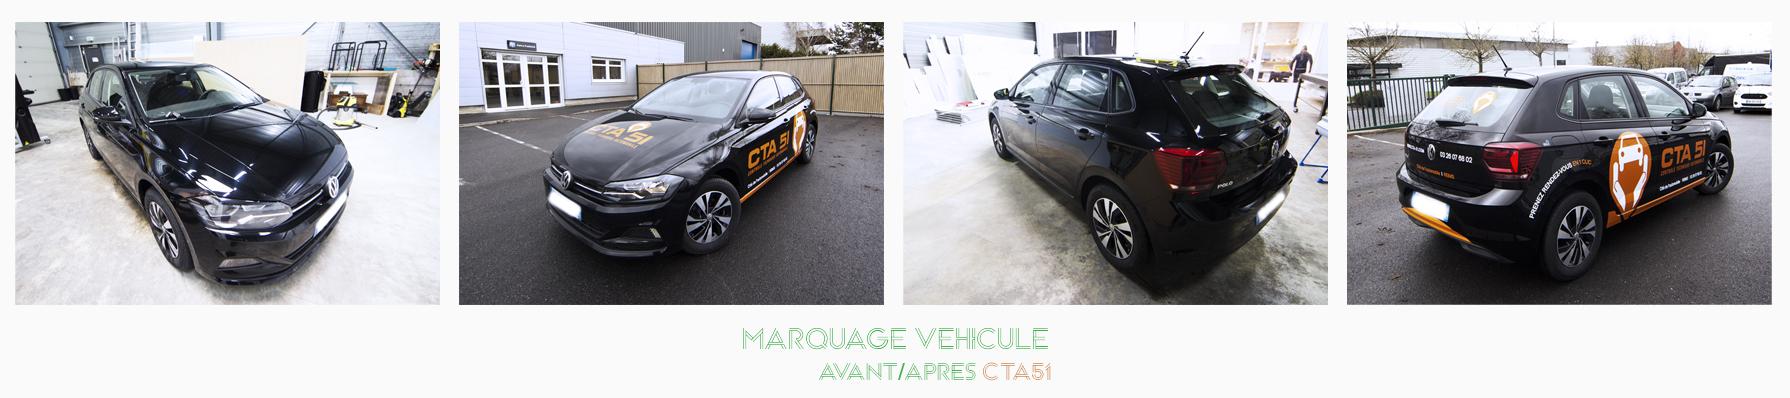 marquage véhicule voiture CTA51 adhésifs communication publicité